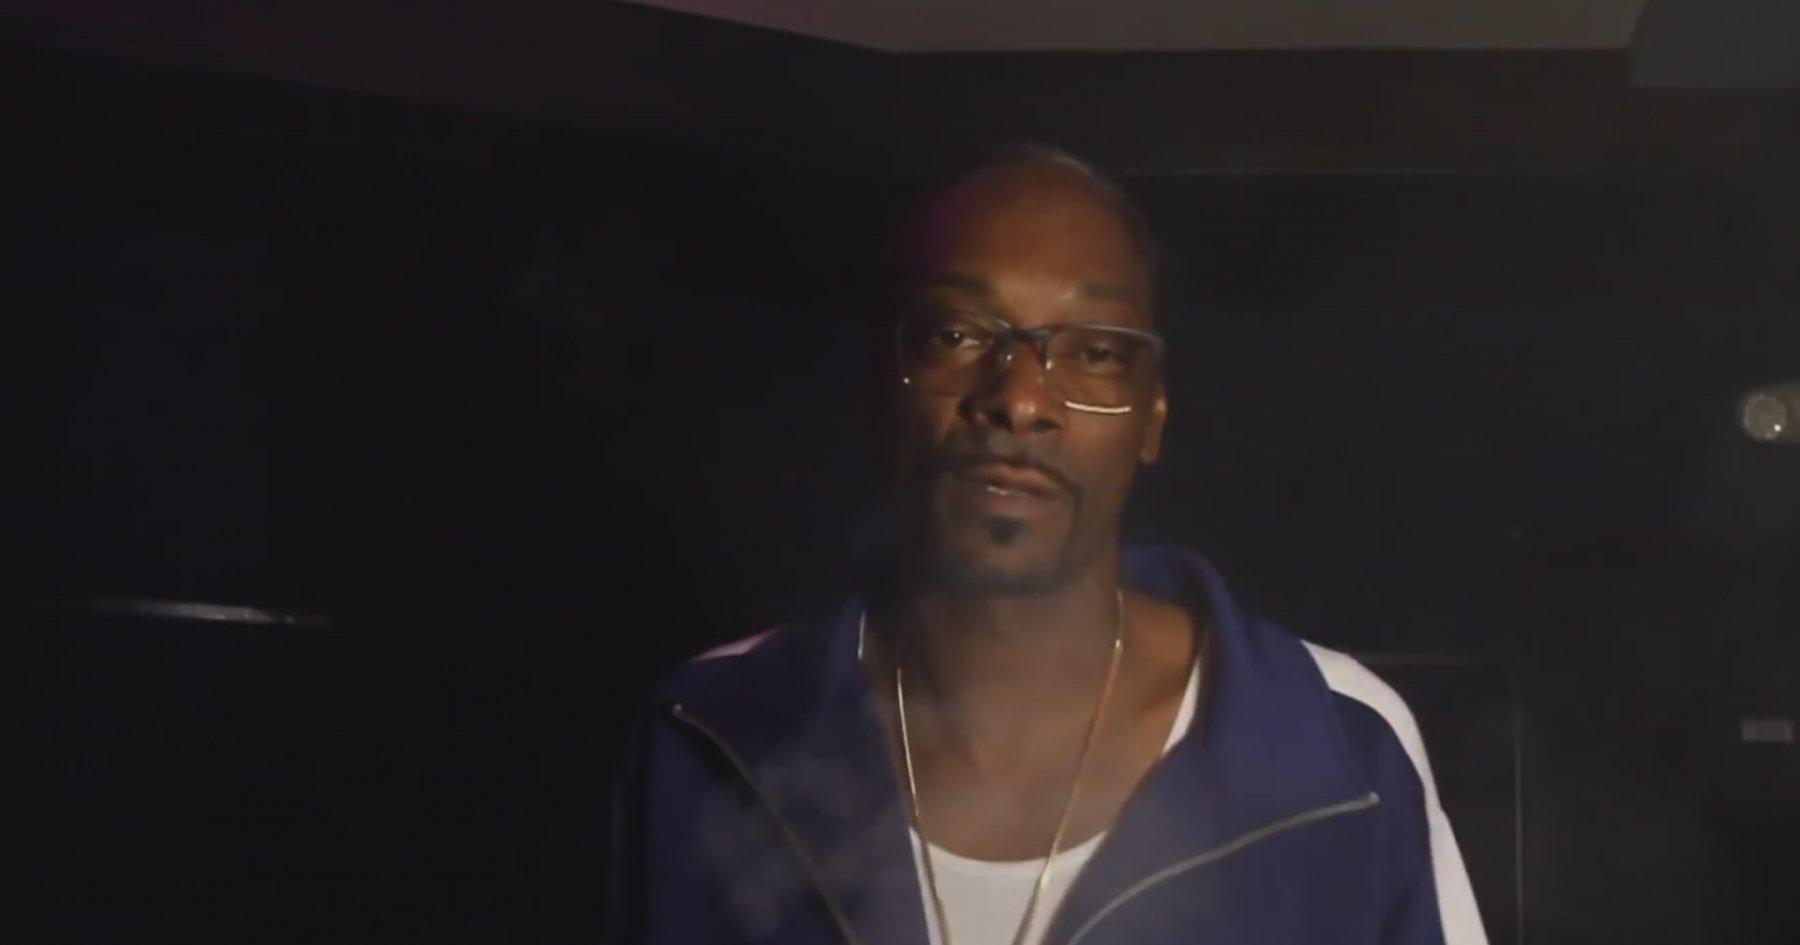 Снуп дог клип с порно, Snoop Dogg So Sexy клип песни смотреть онлайн 22 фотография